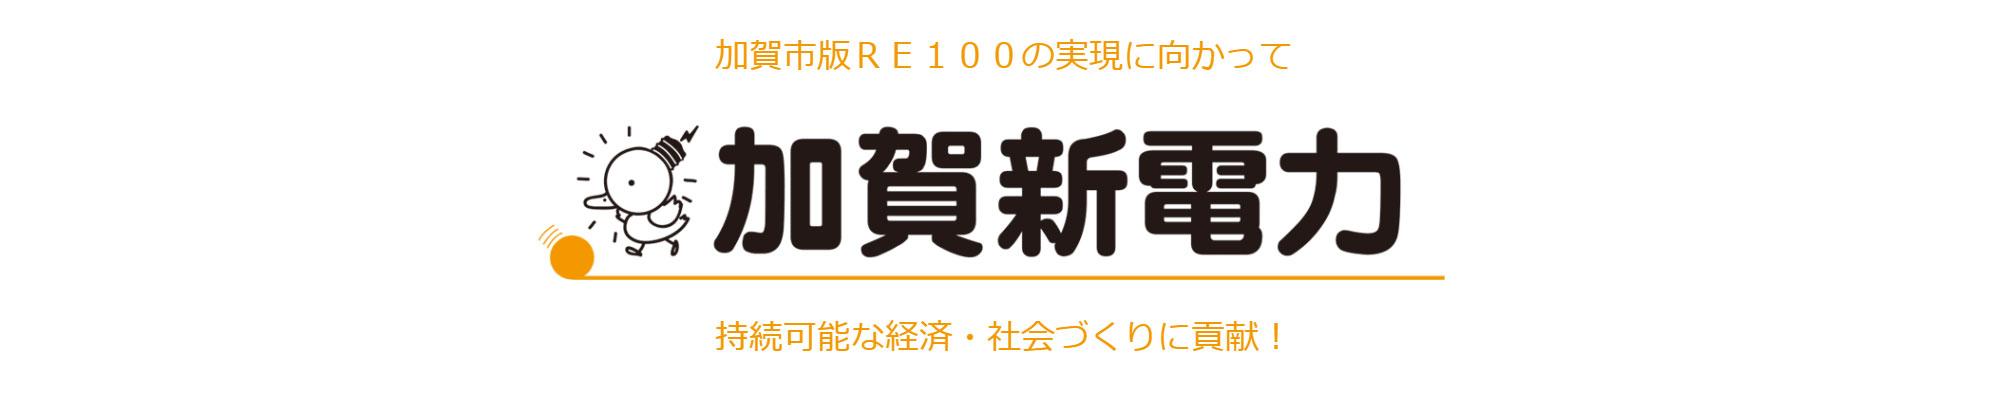 加賀新電力 加賀市版RE100の実現に向かって持続可能な経済・社会づくりに貢献